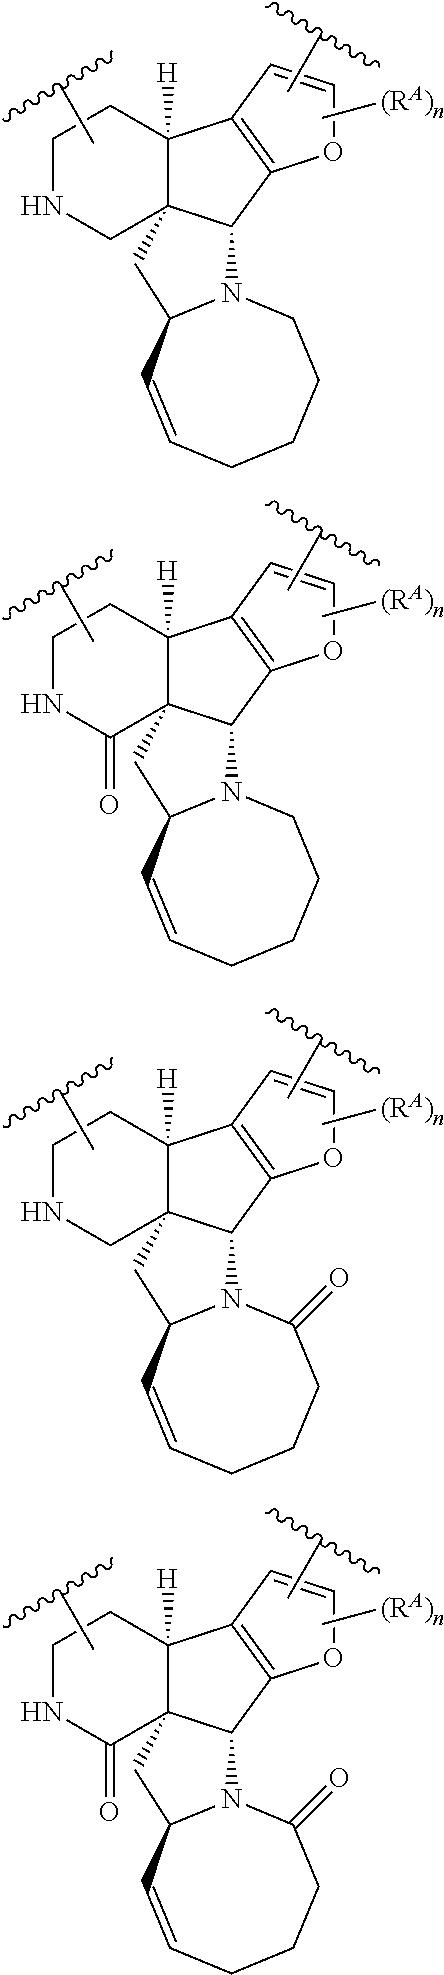 Figure US09446394-20160920-C00023